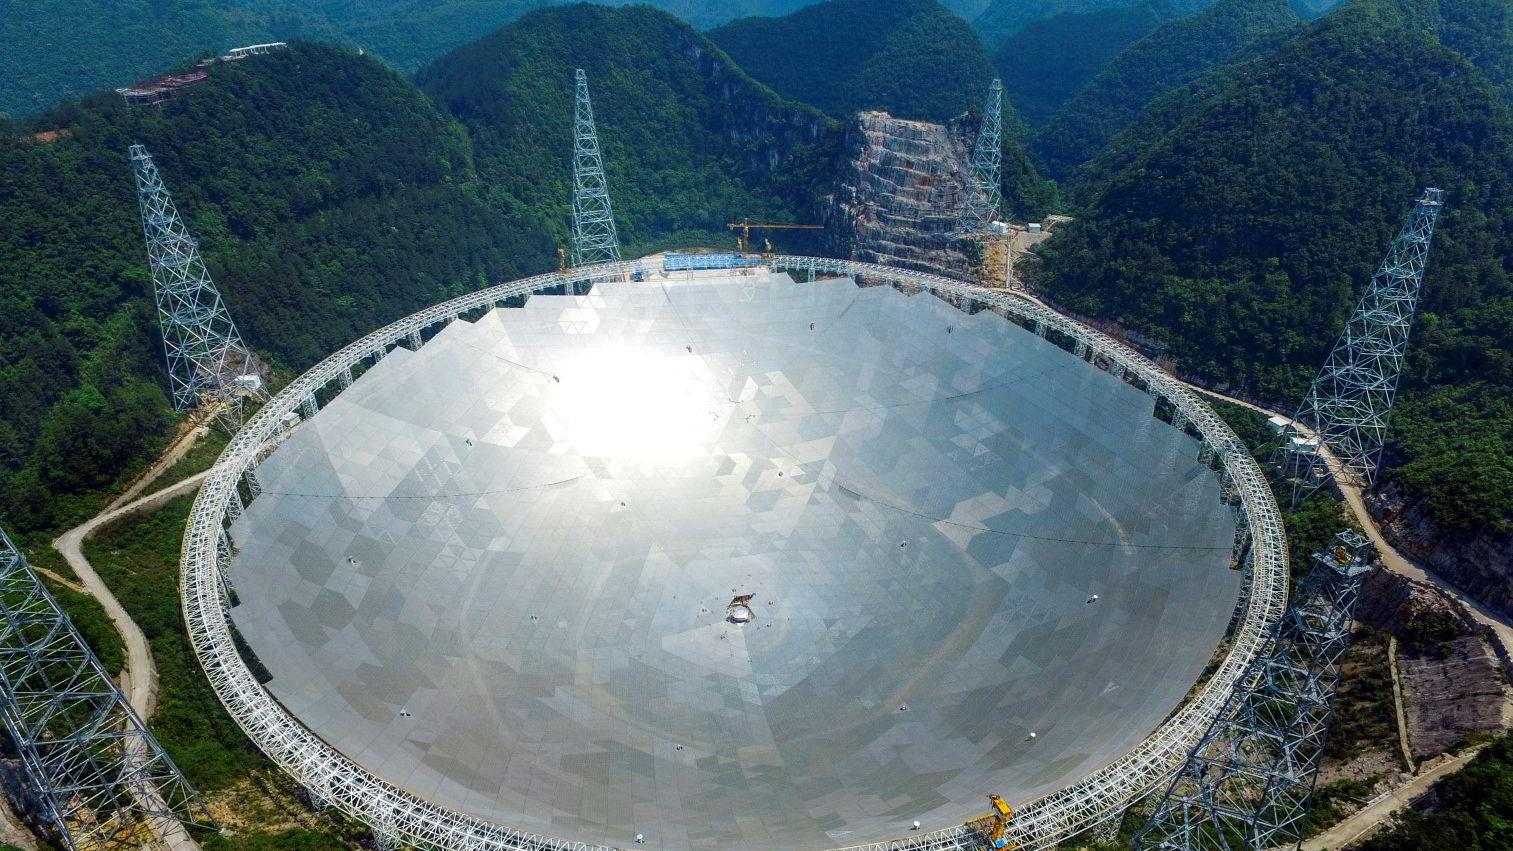 Kina er akkurat ferdig med å bygge verdens største radioteleskop. Foto/Reuters/stringer/NTB scanpix